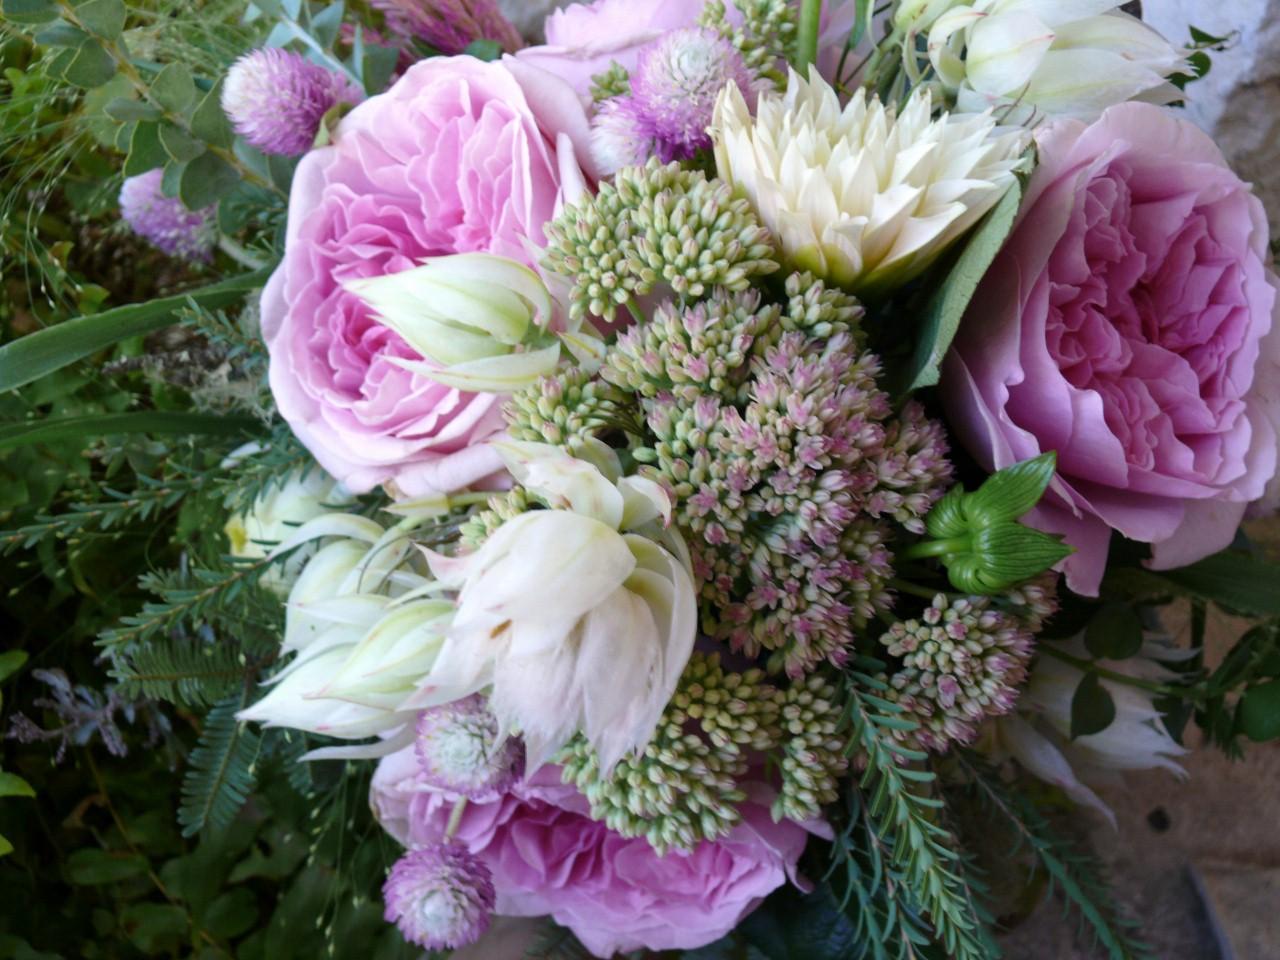 Bridal Bouquet Garden Roses : La fleur vintage woodland garden rose bridal bouquet